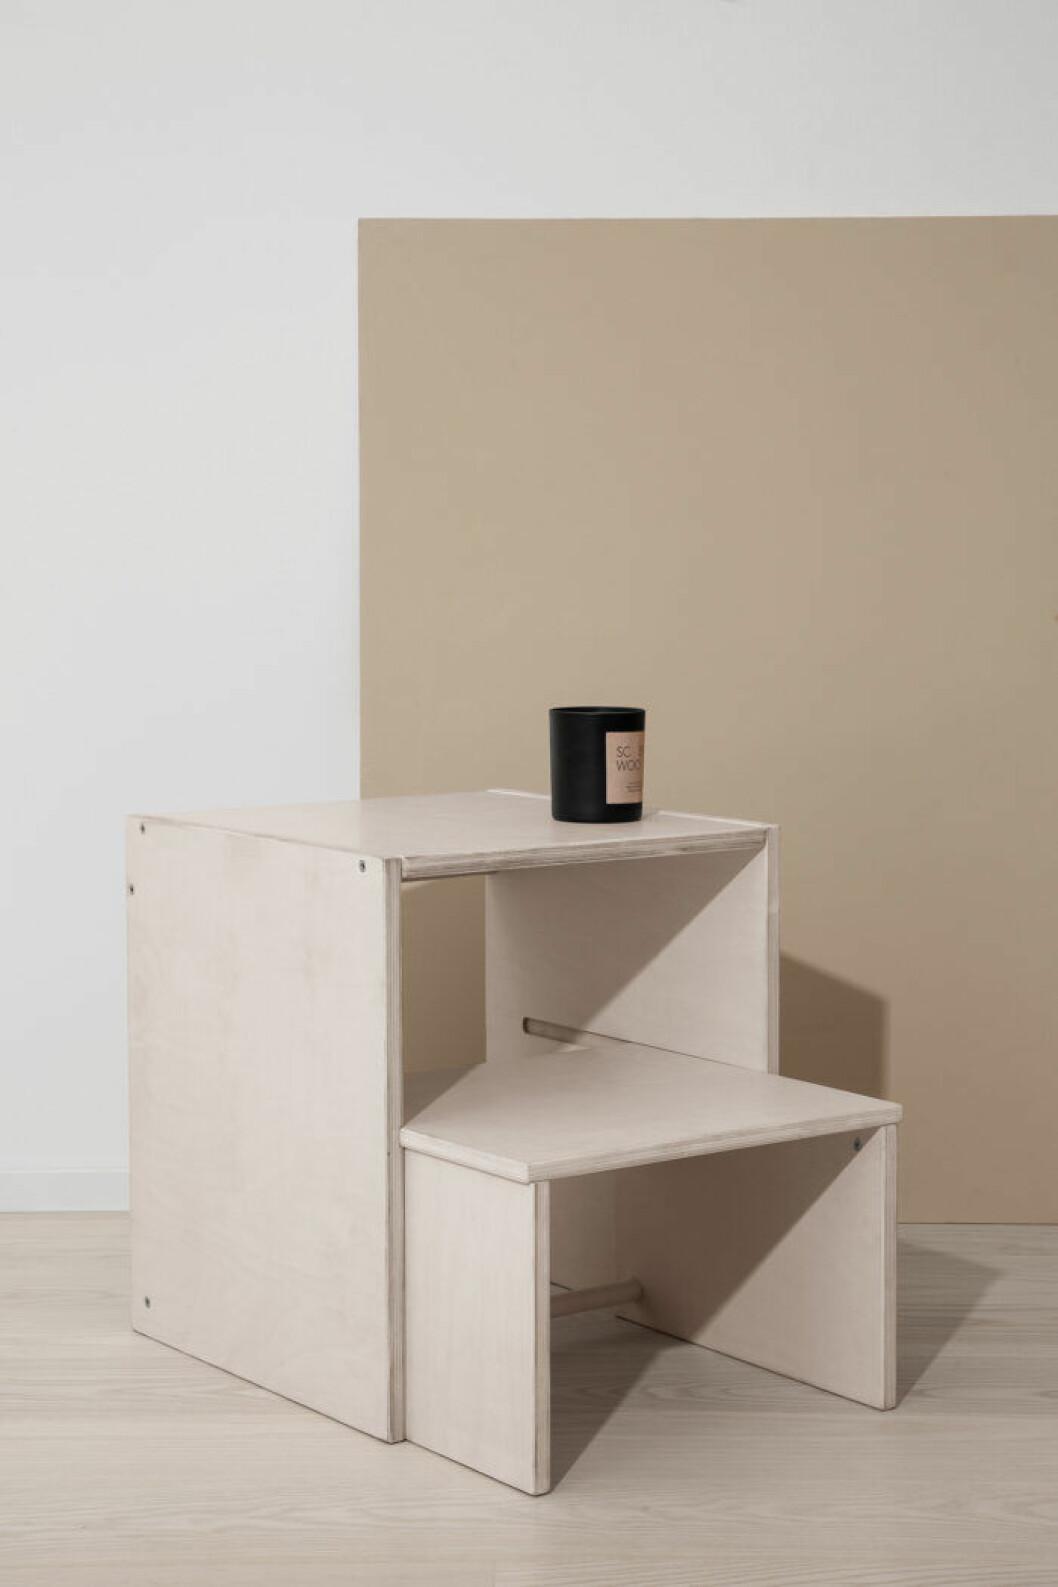 Granit lanserar en boxmodul med trappsteg i sin första egna möbelserie 2019